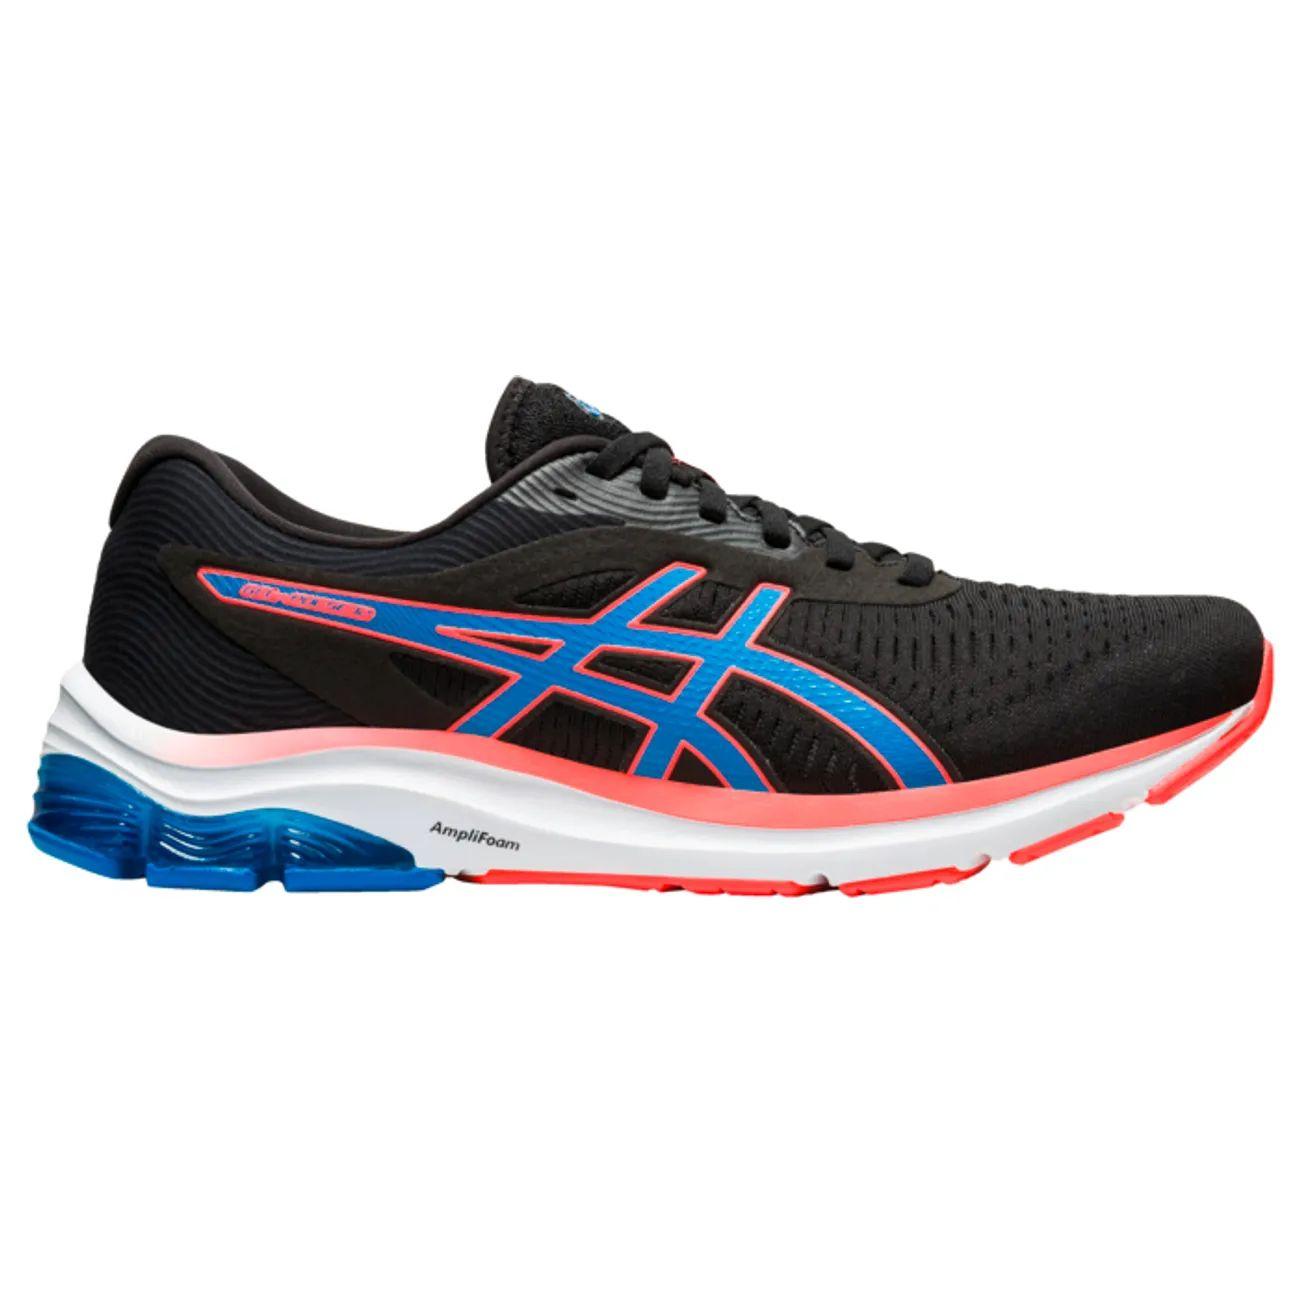 Chaussures de running homme Asics Gel-Pulse 12